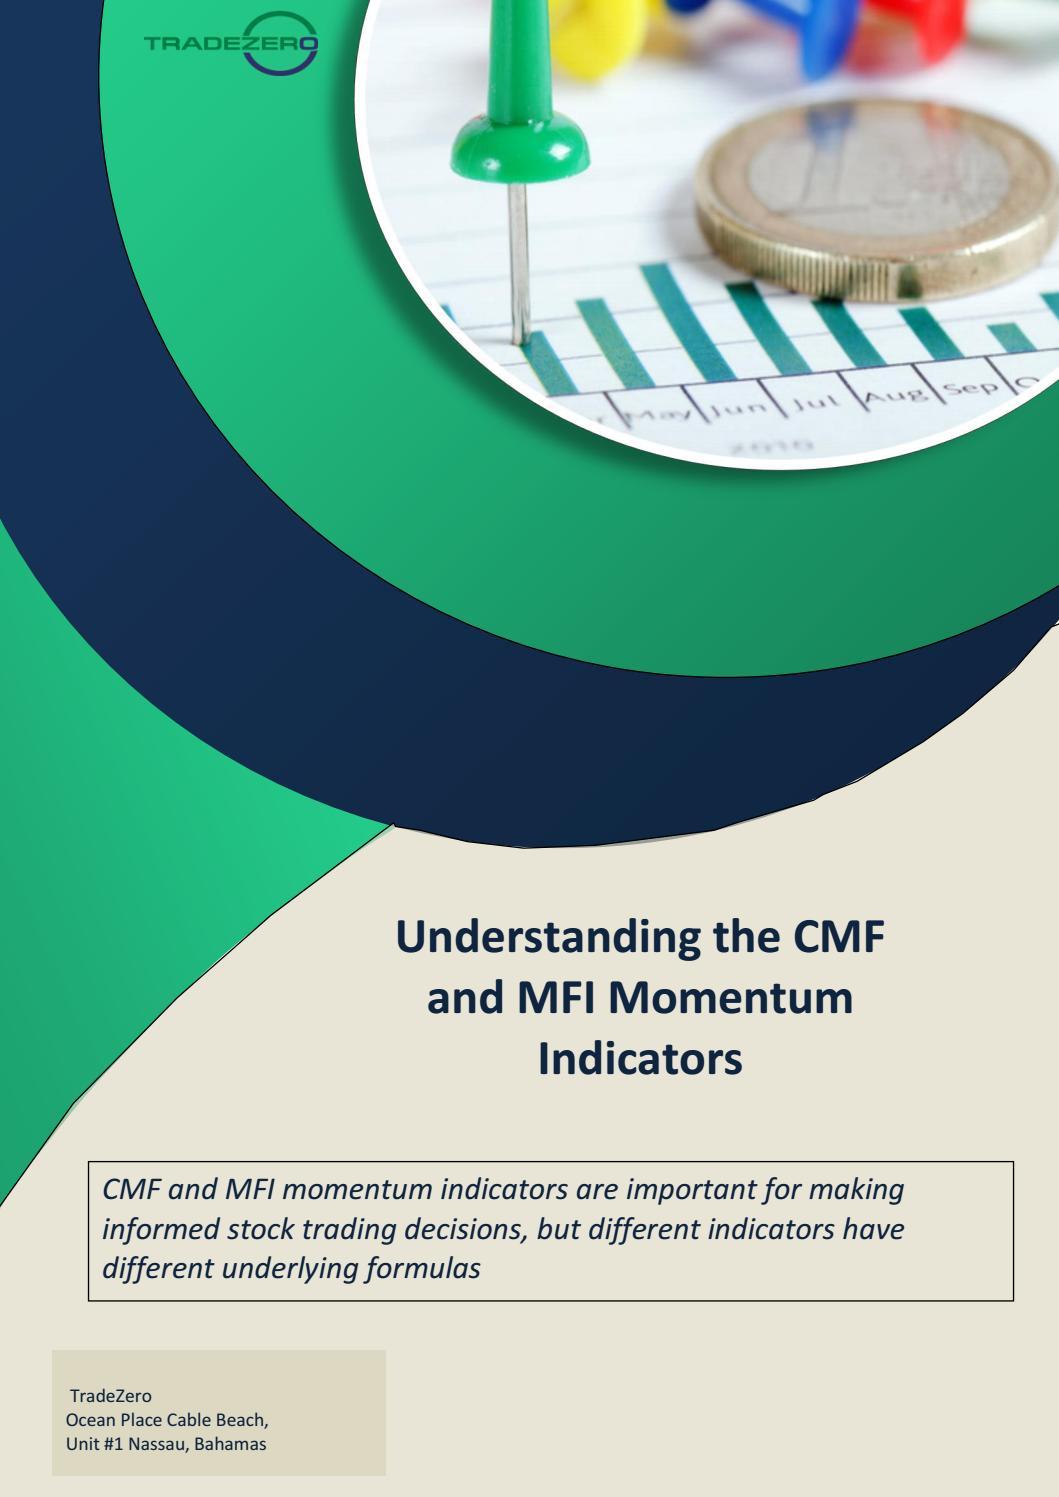 Understanding the CMF and MFI Momentum Indicators by TradeZero - issuu